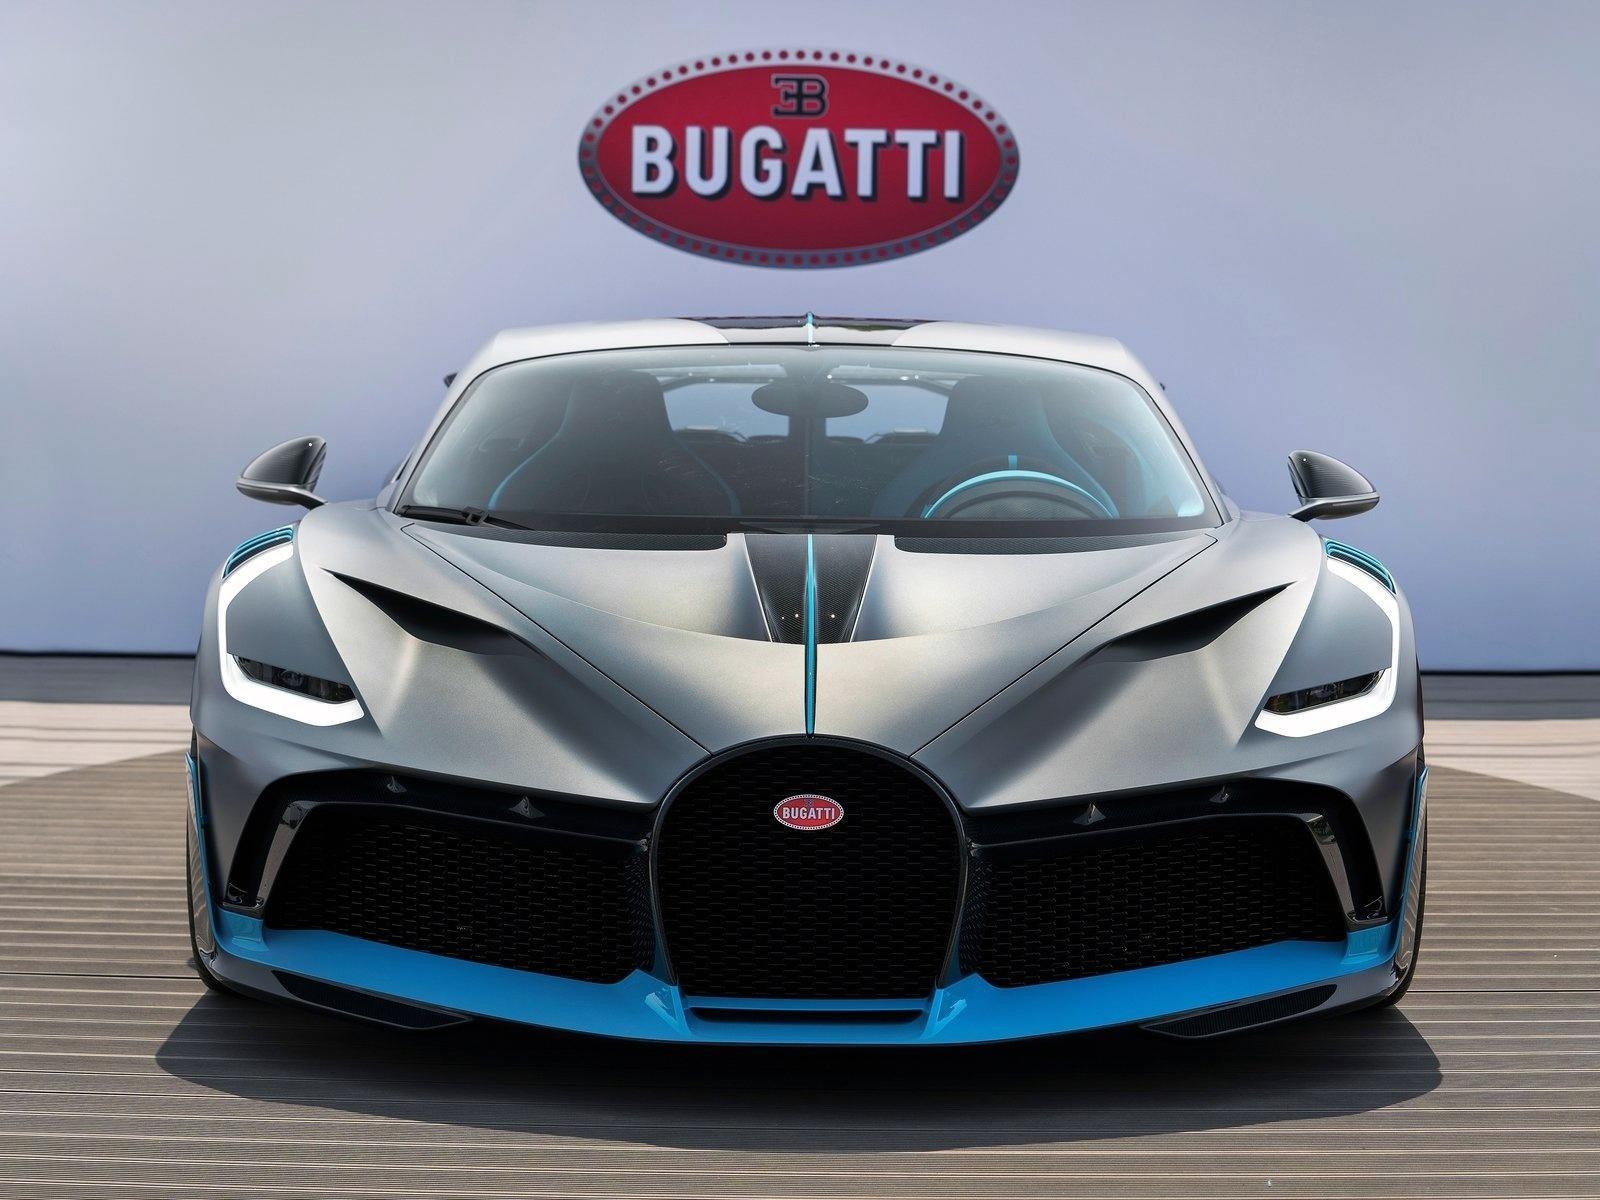 Fotos Veja Como E O Bugatti Divo De 1 520 Cavalos